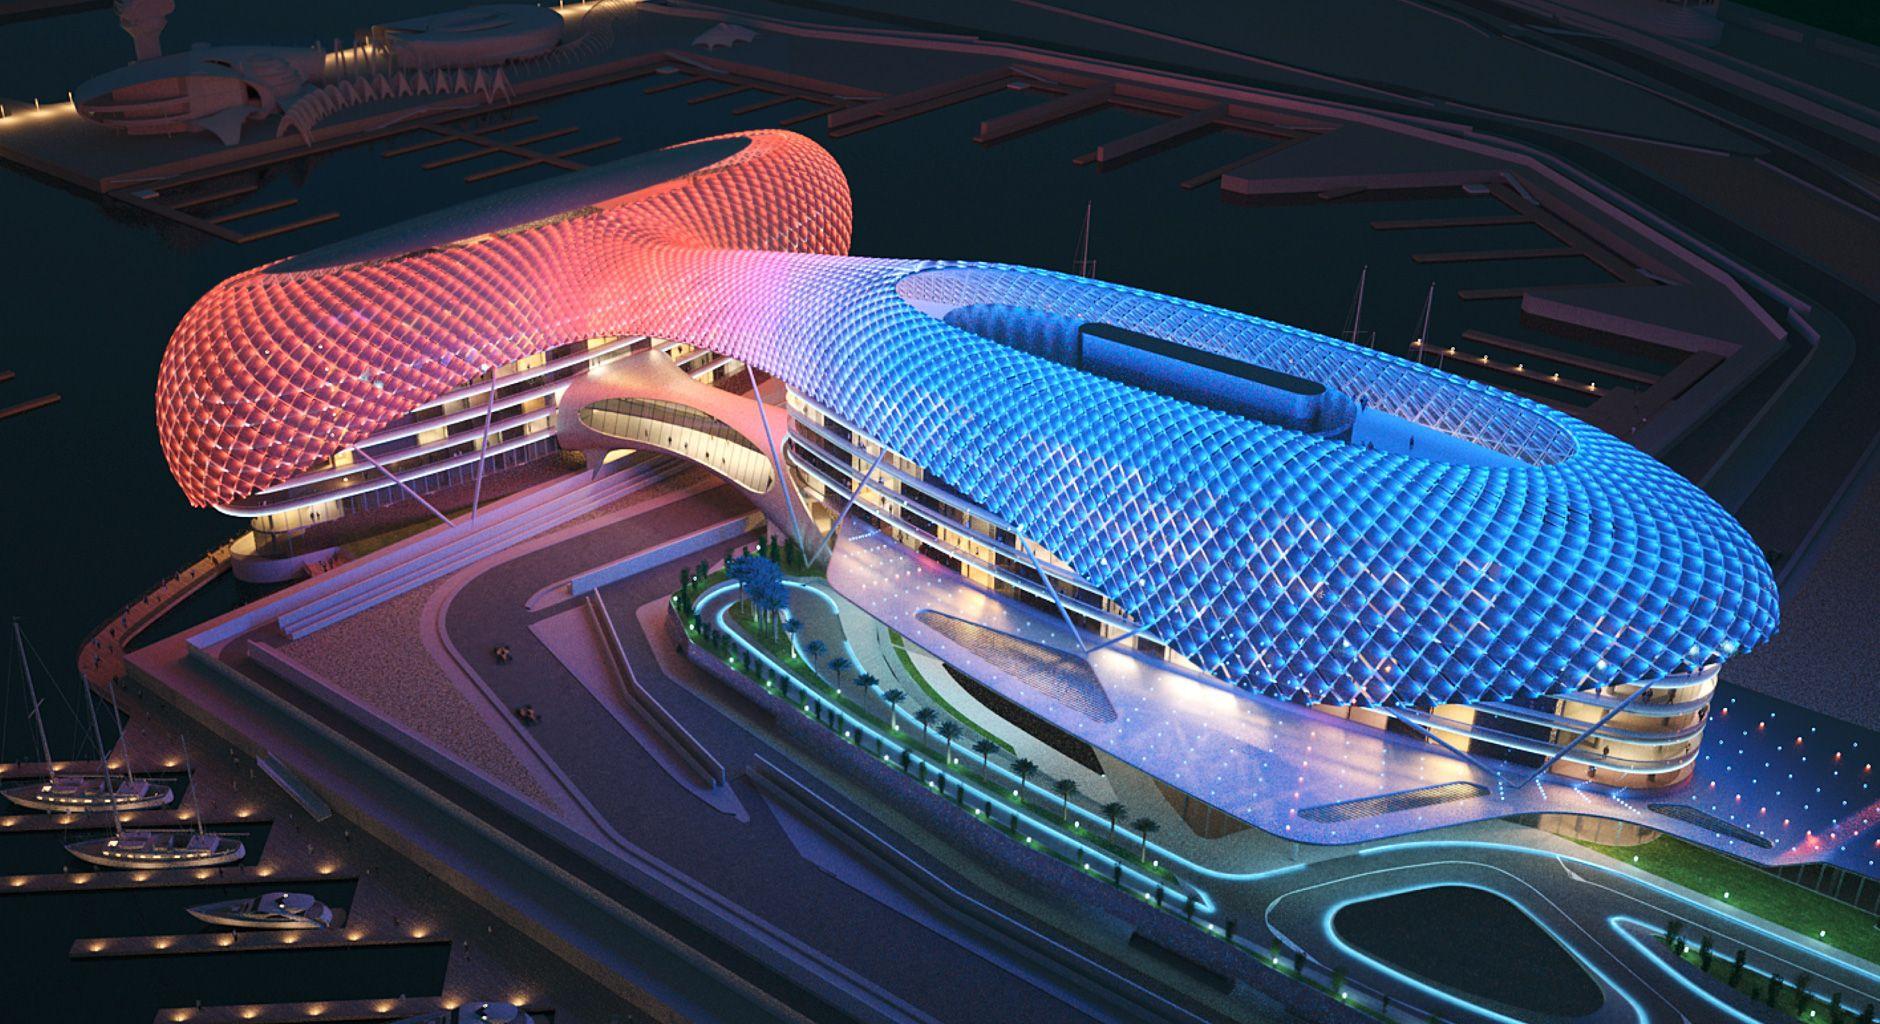 Yas Marina Hotel In Abu Dhabi Yas Hotel Abu Dhabi Abu Dhabi